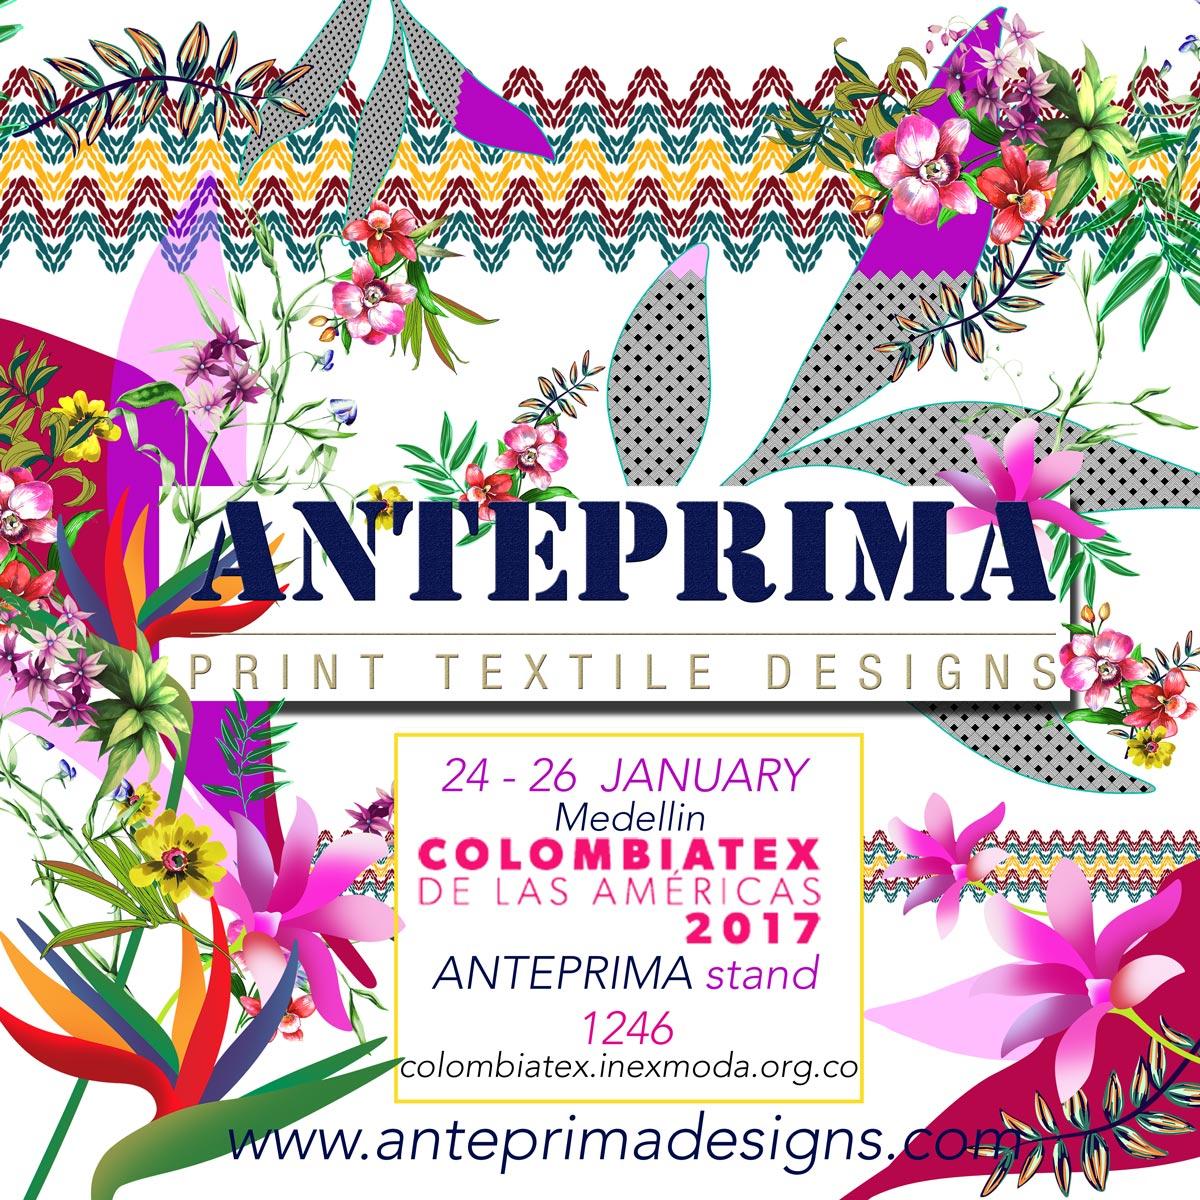 Anteprima @ Colombiatex 2017